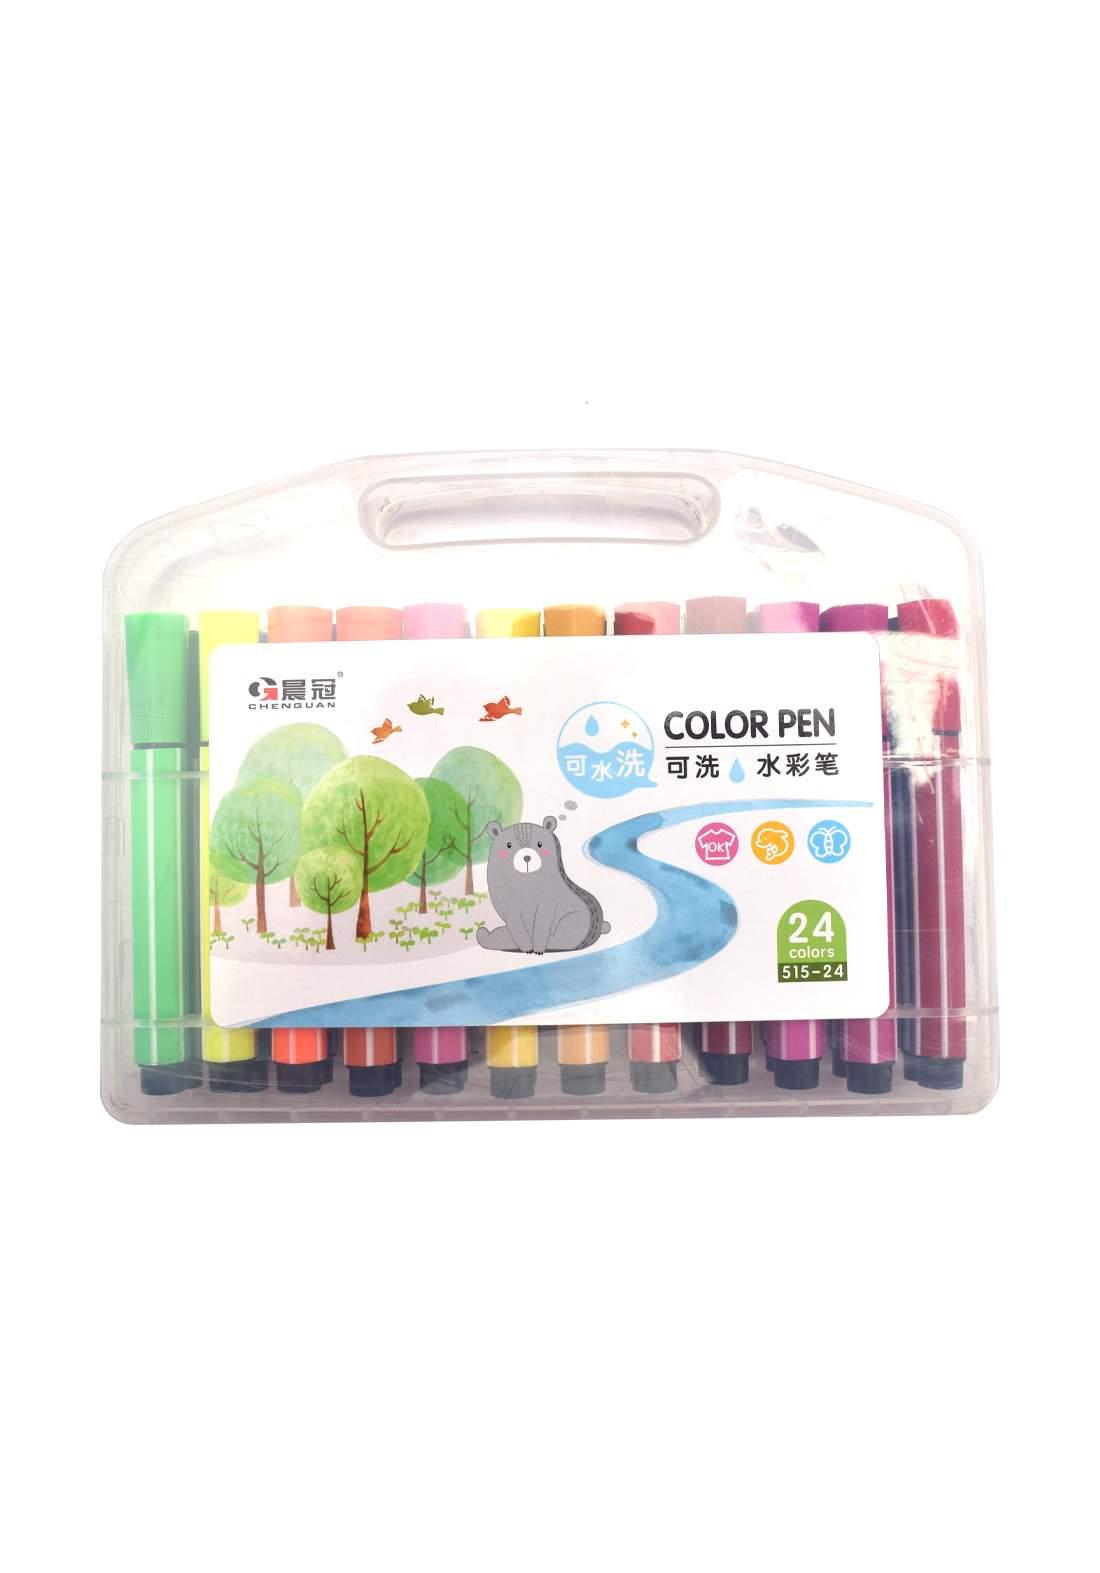 اقلام تلوين ماجك 24 لون Magic coloring pens